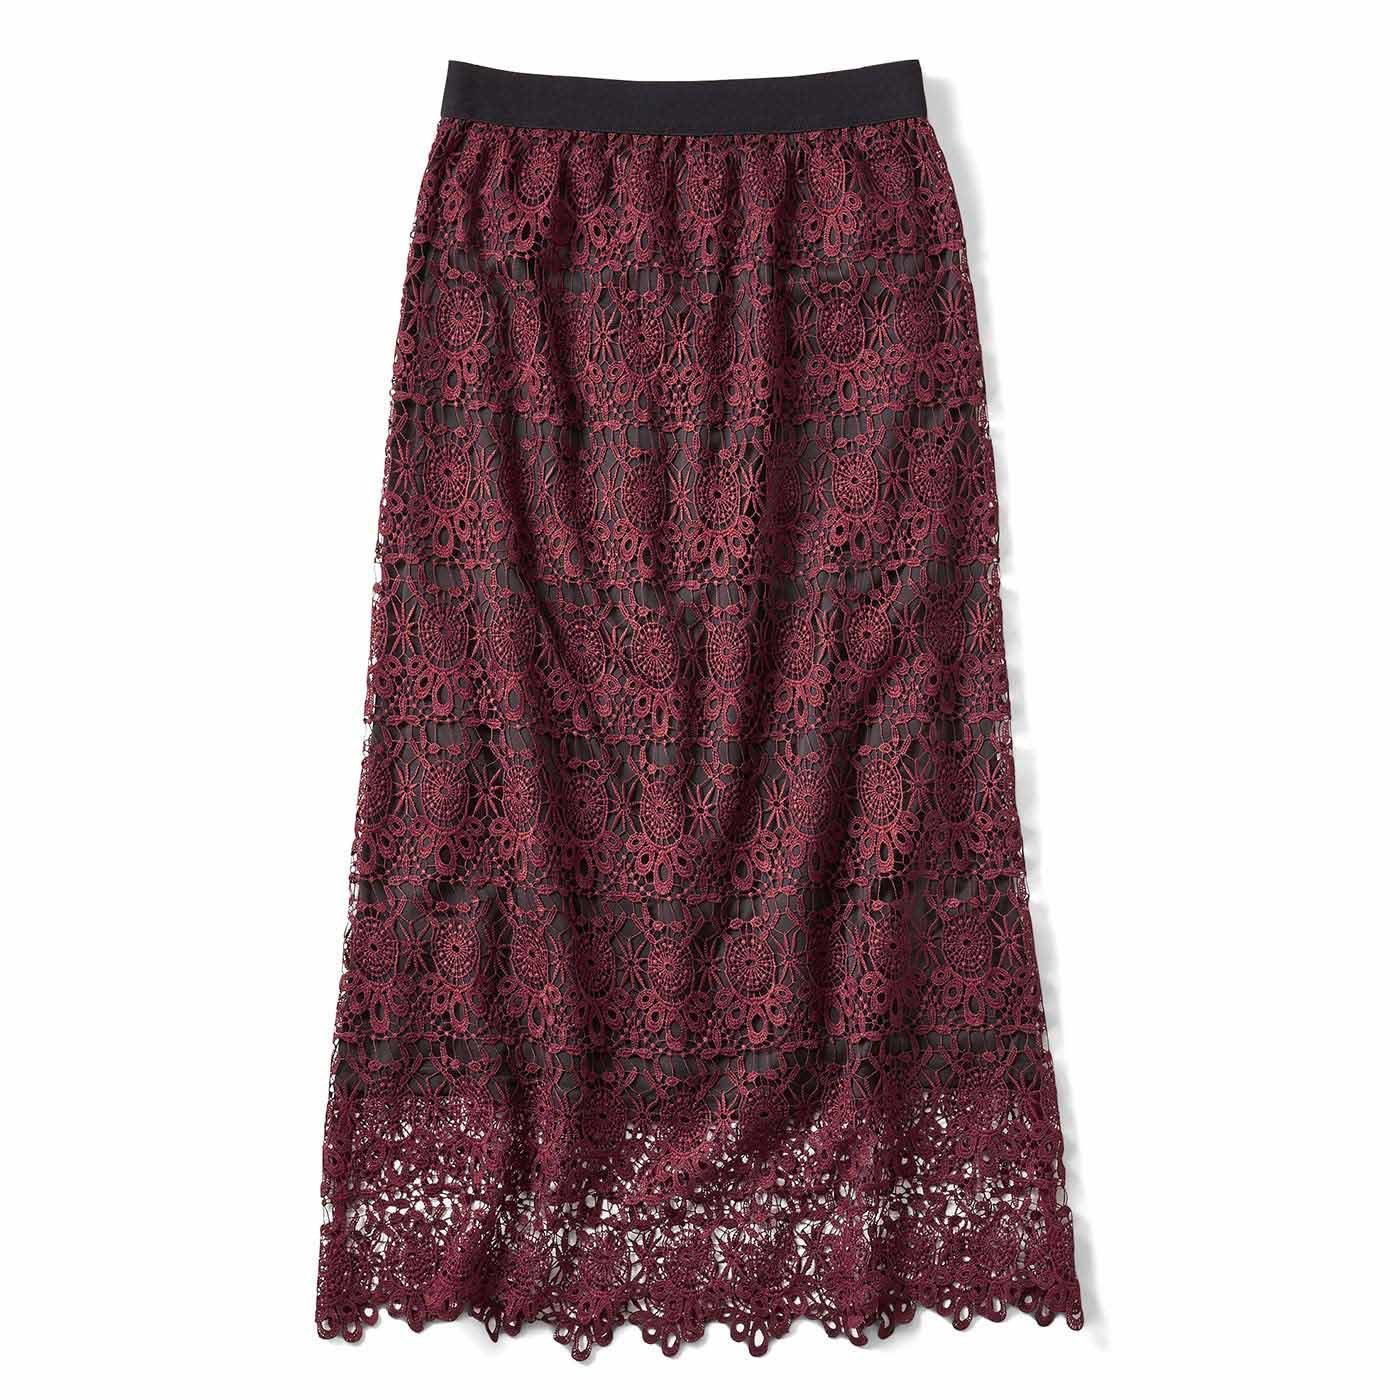 IEDIT 繊細レースで魅せるオトナしなやかレースのロングスカート〈ボルドーワイン〉